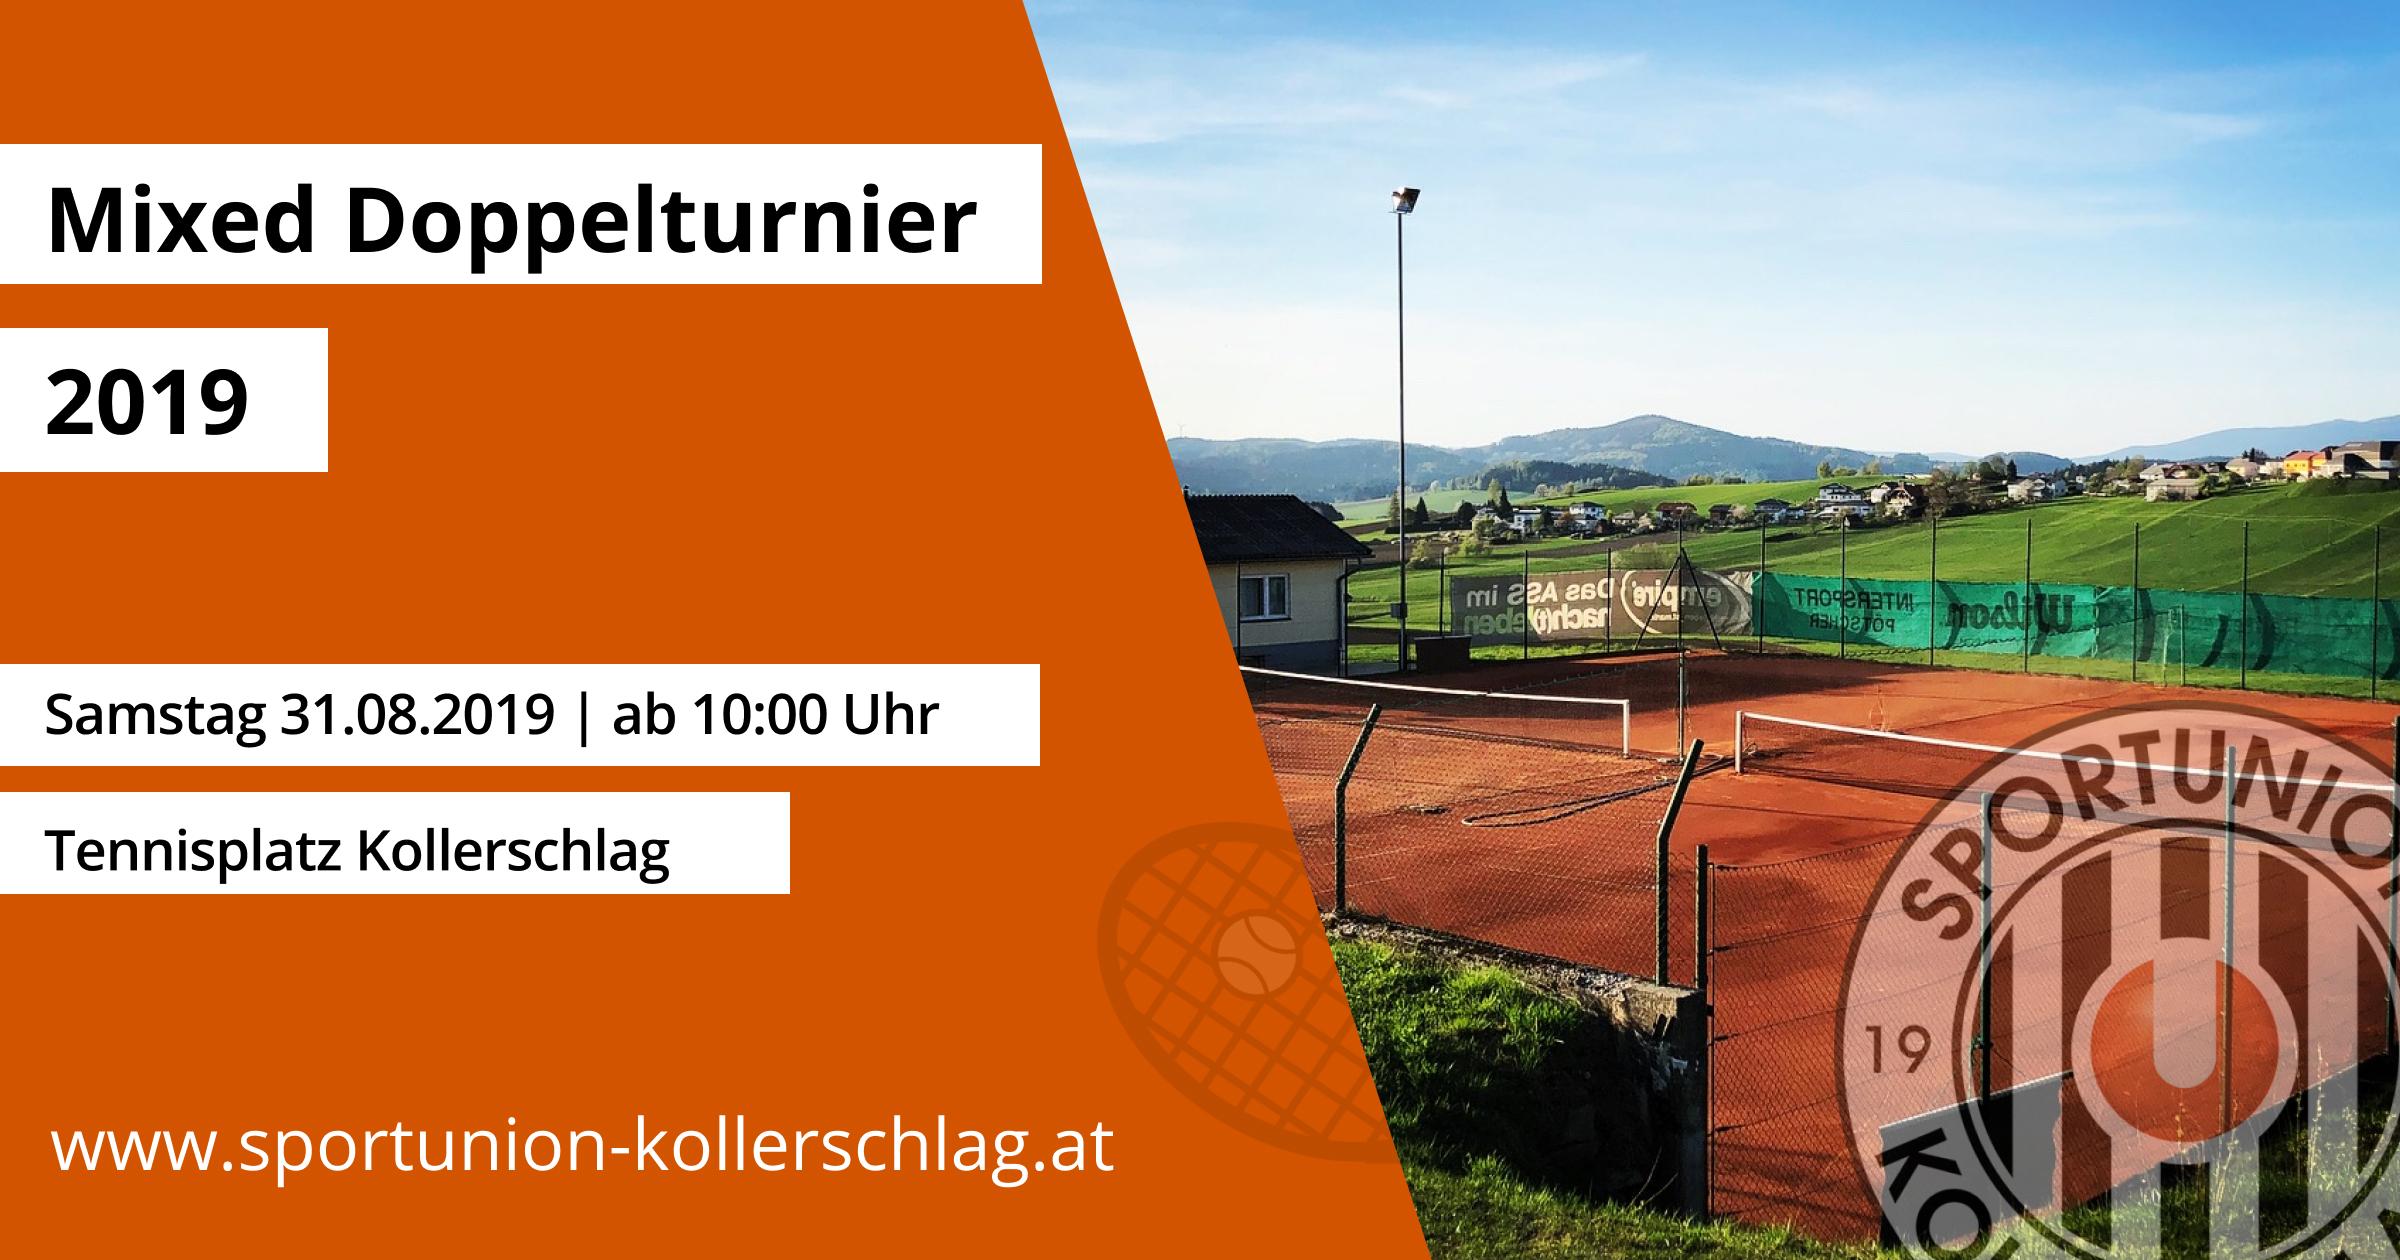 Am 31. August 2019 findest das Tennis Mixed-Doppelturnier statt